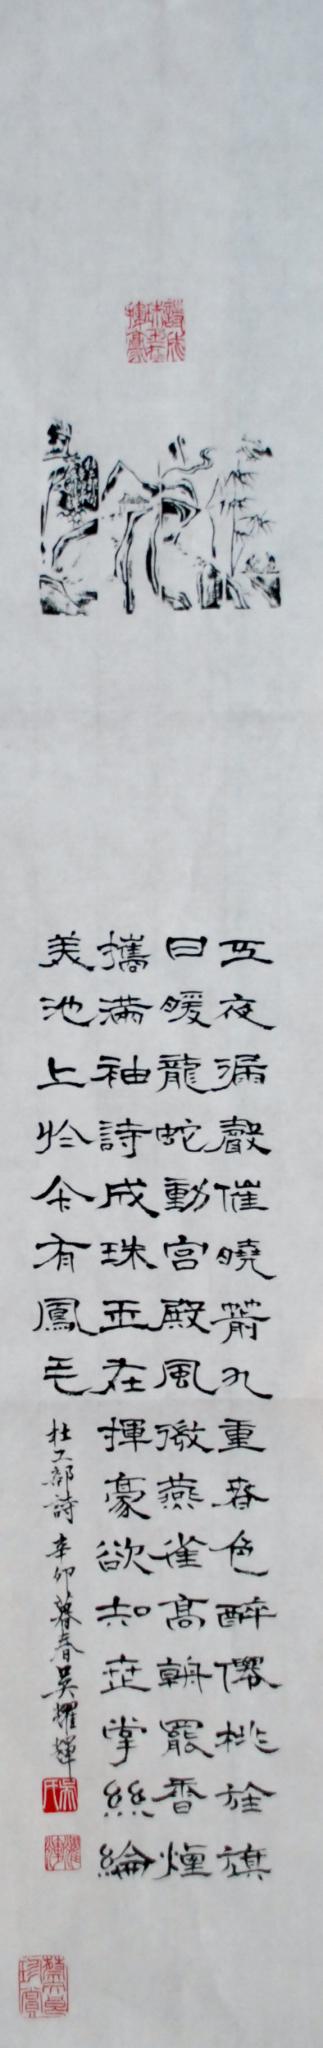 吳耀輝書法21_1.JPG